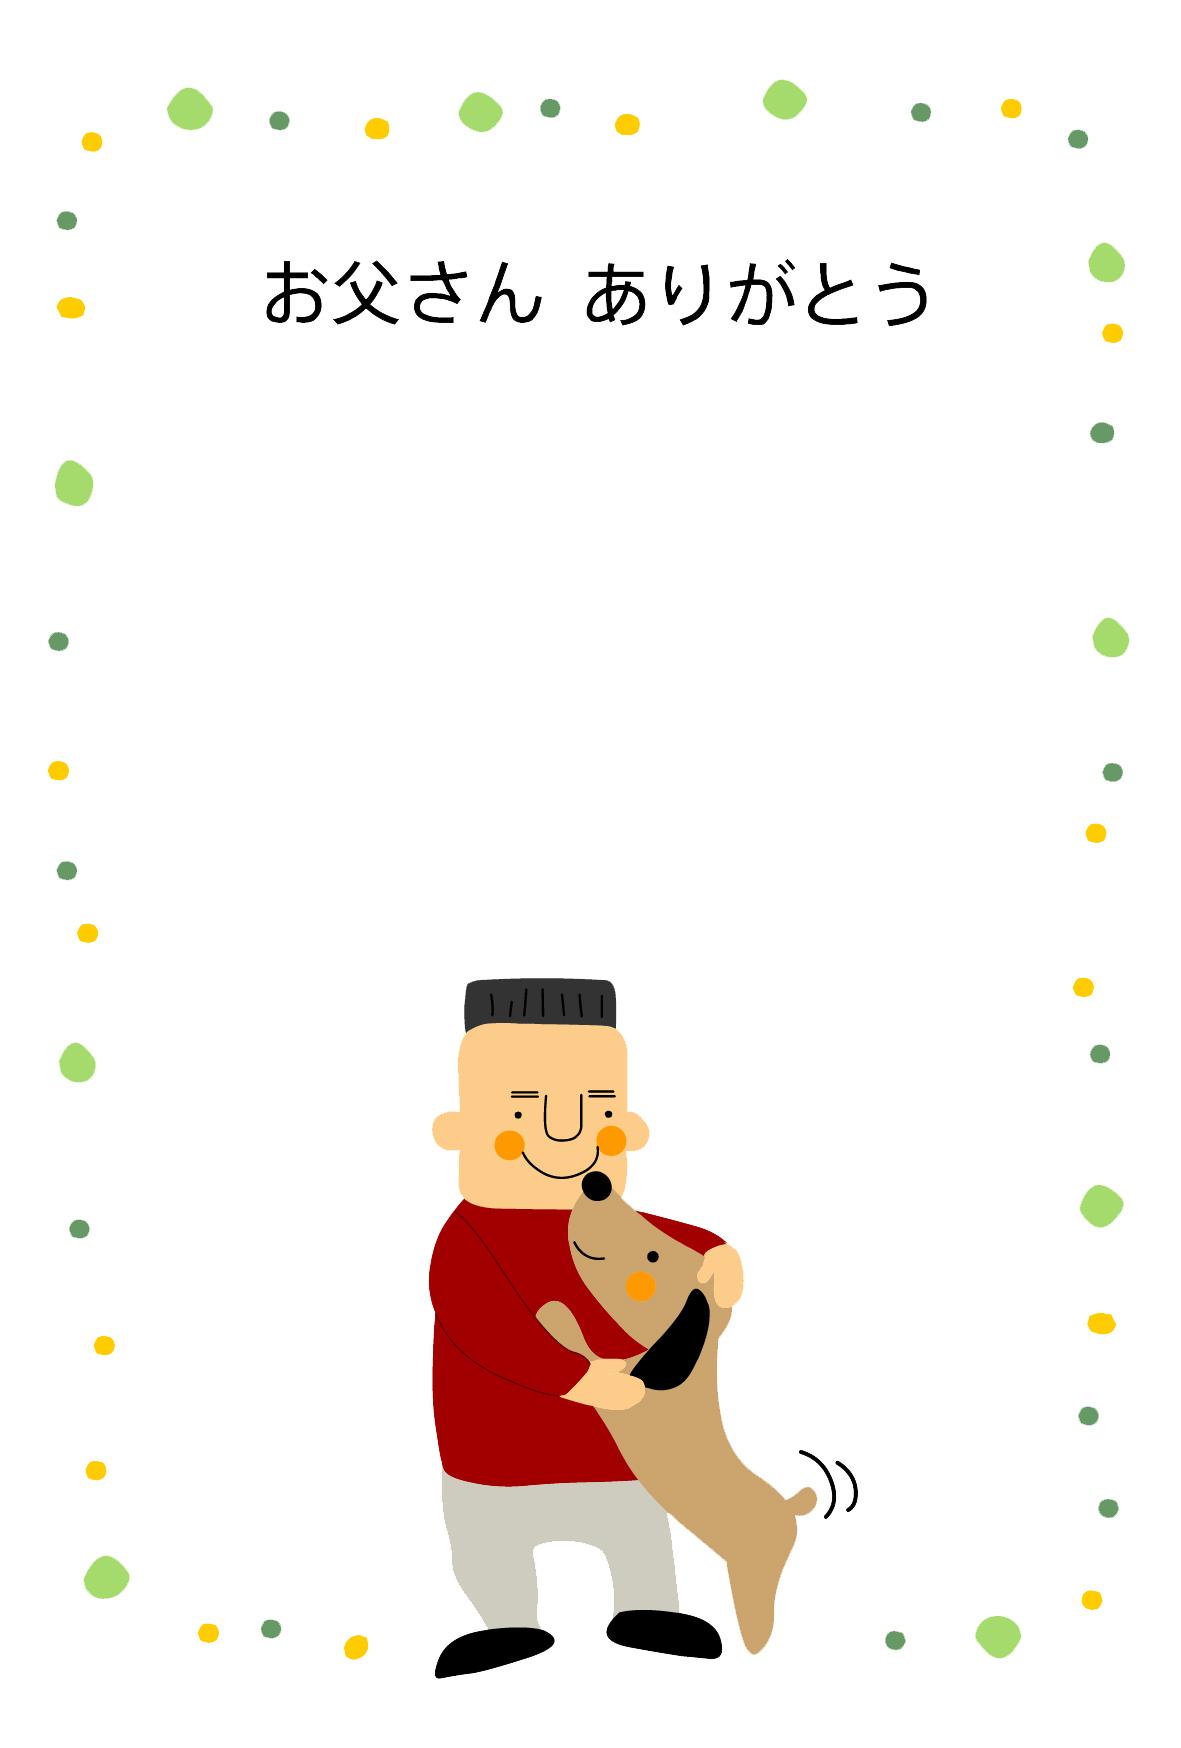 父の日メッセージカード(メガネ・ひげ)テンプレート | 無料イラスト素材|素材ラボ